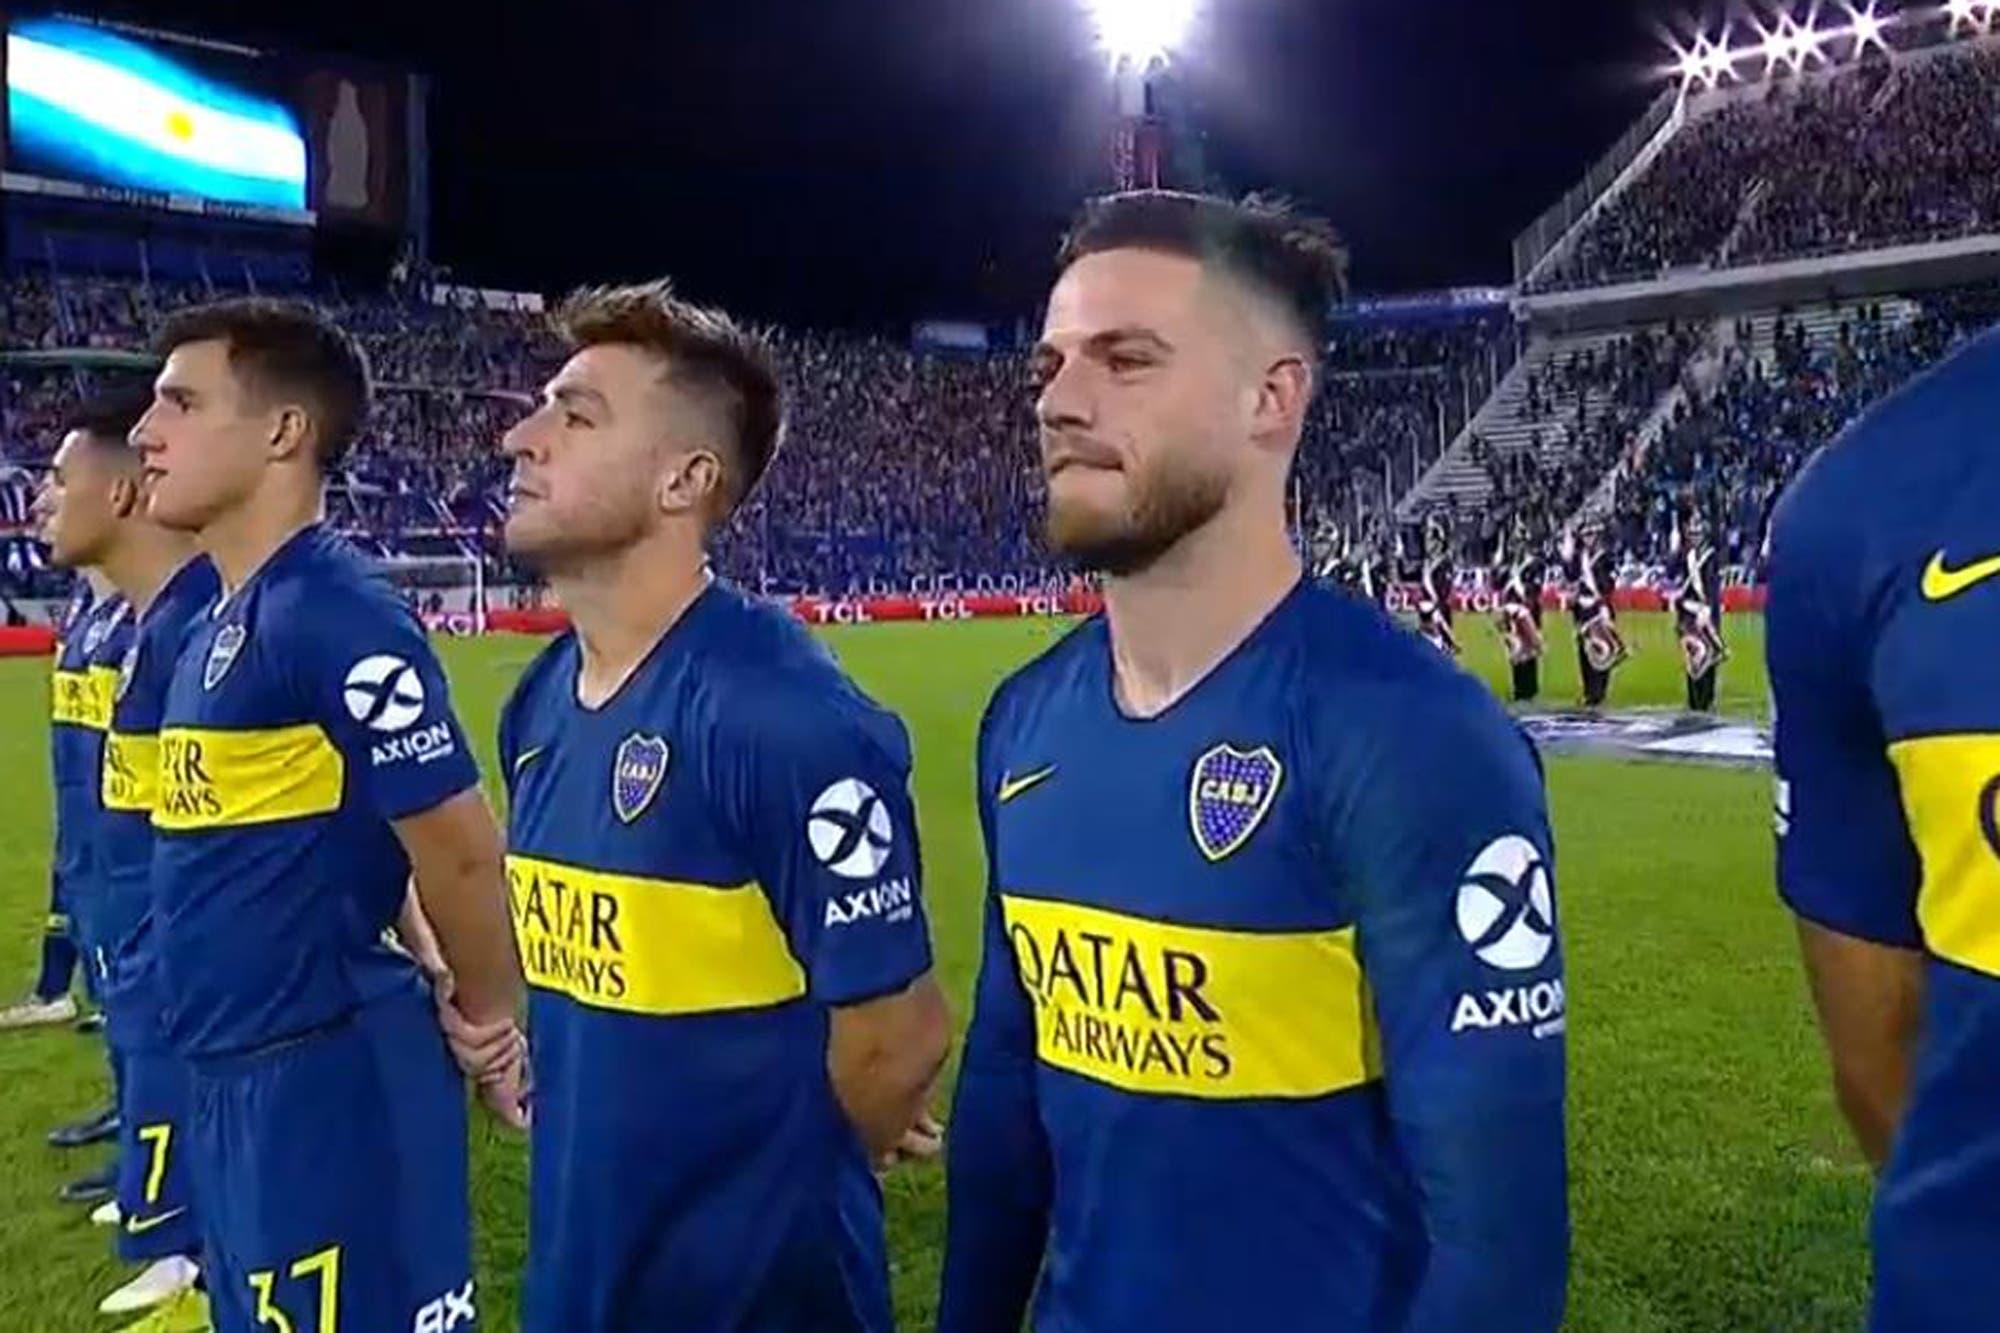 La reacción de Nahitan Nandez mientras los hinchas de Vélez cantaban sobre el himno argentino